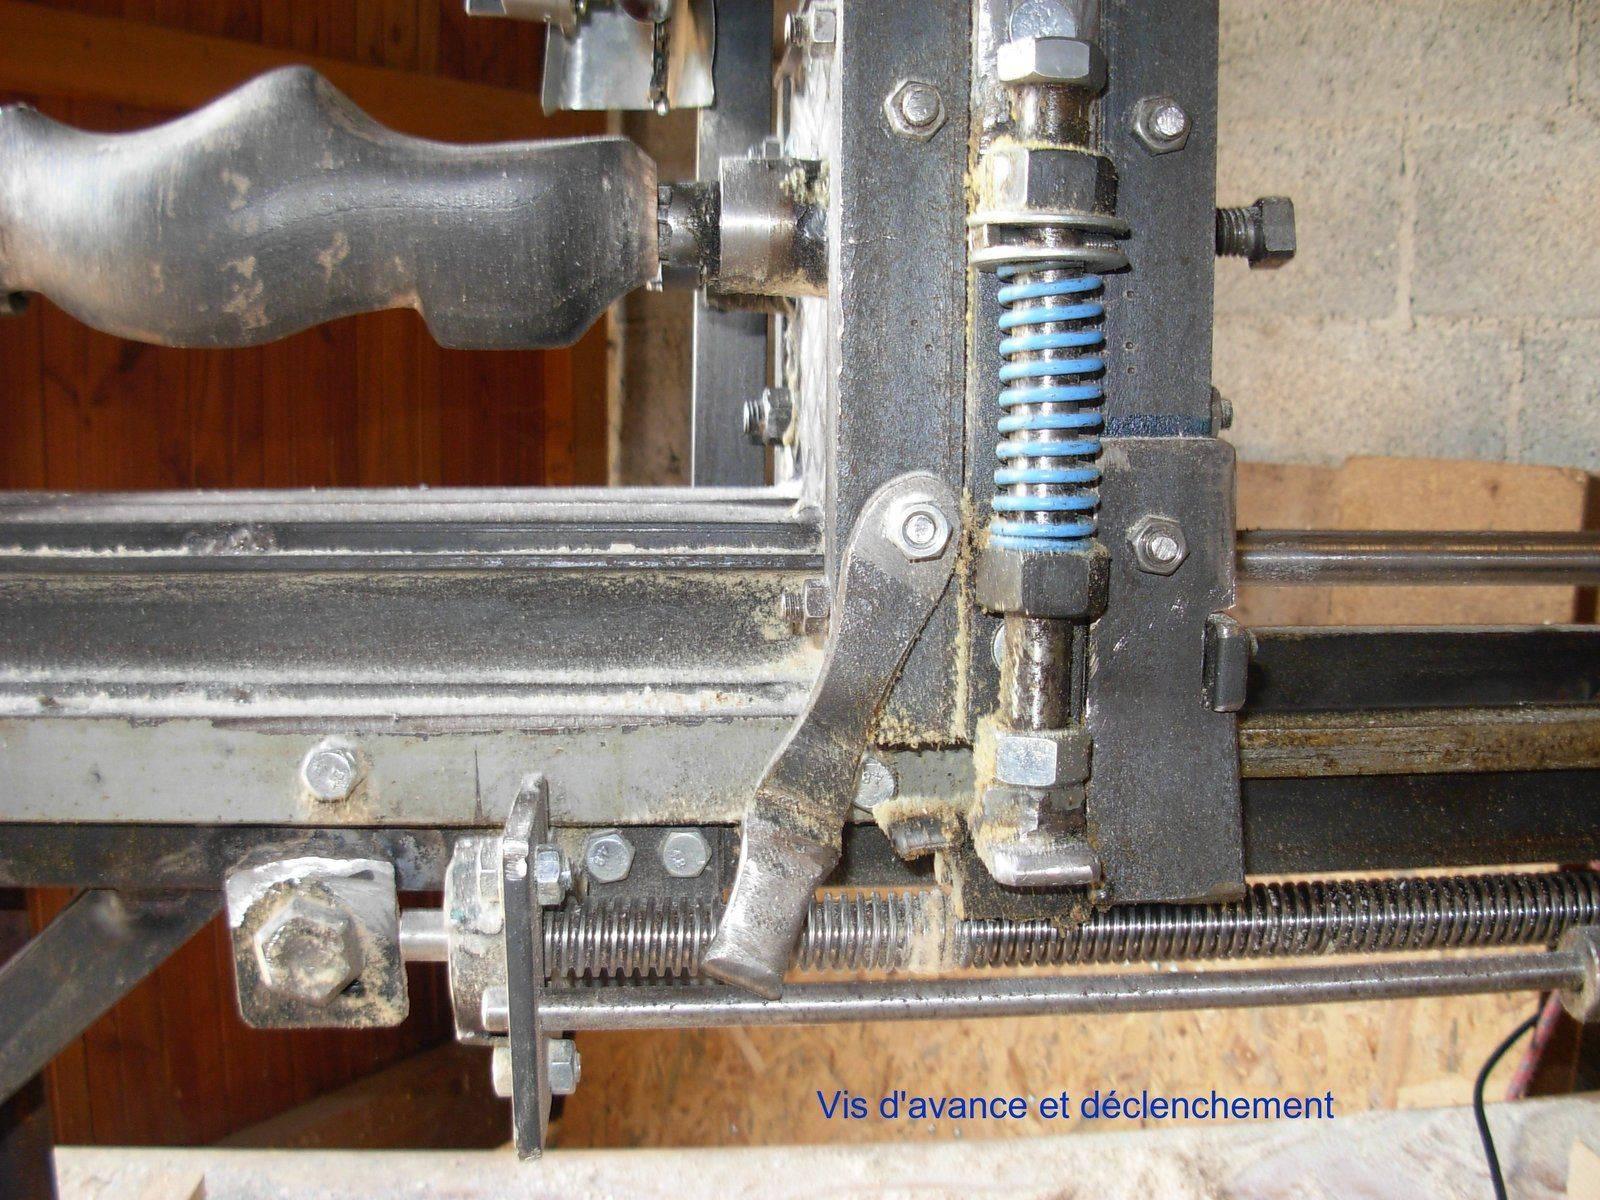 5 machine sabot  vis declenchement.jpg